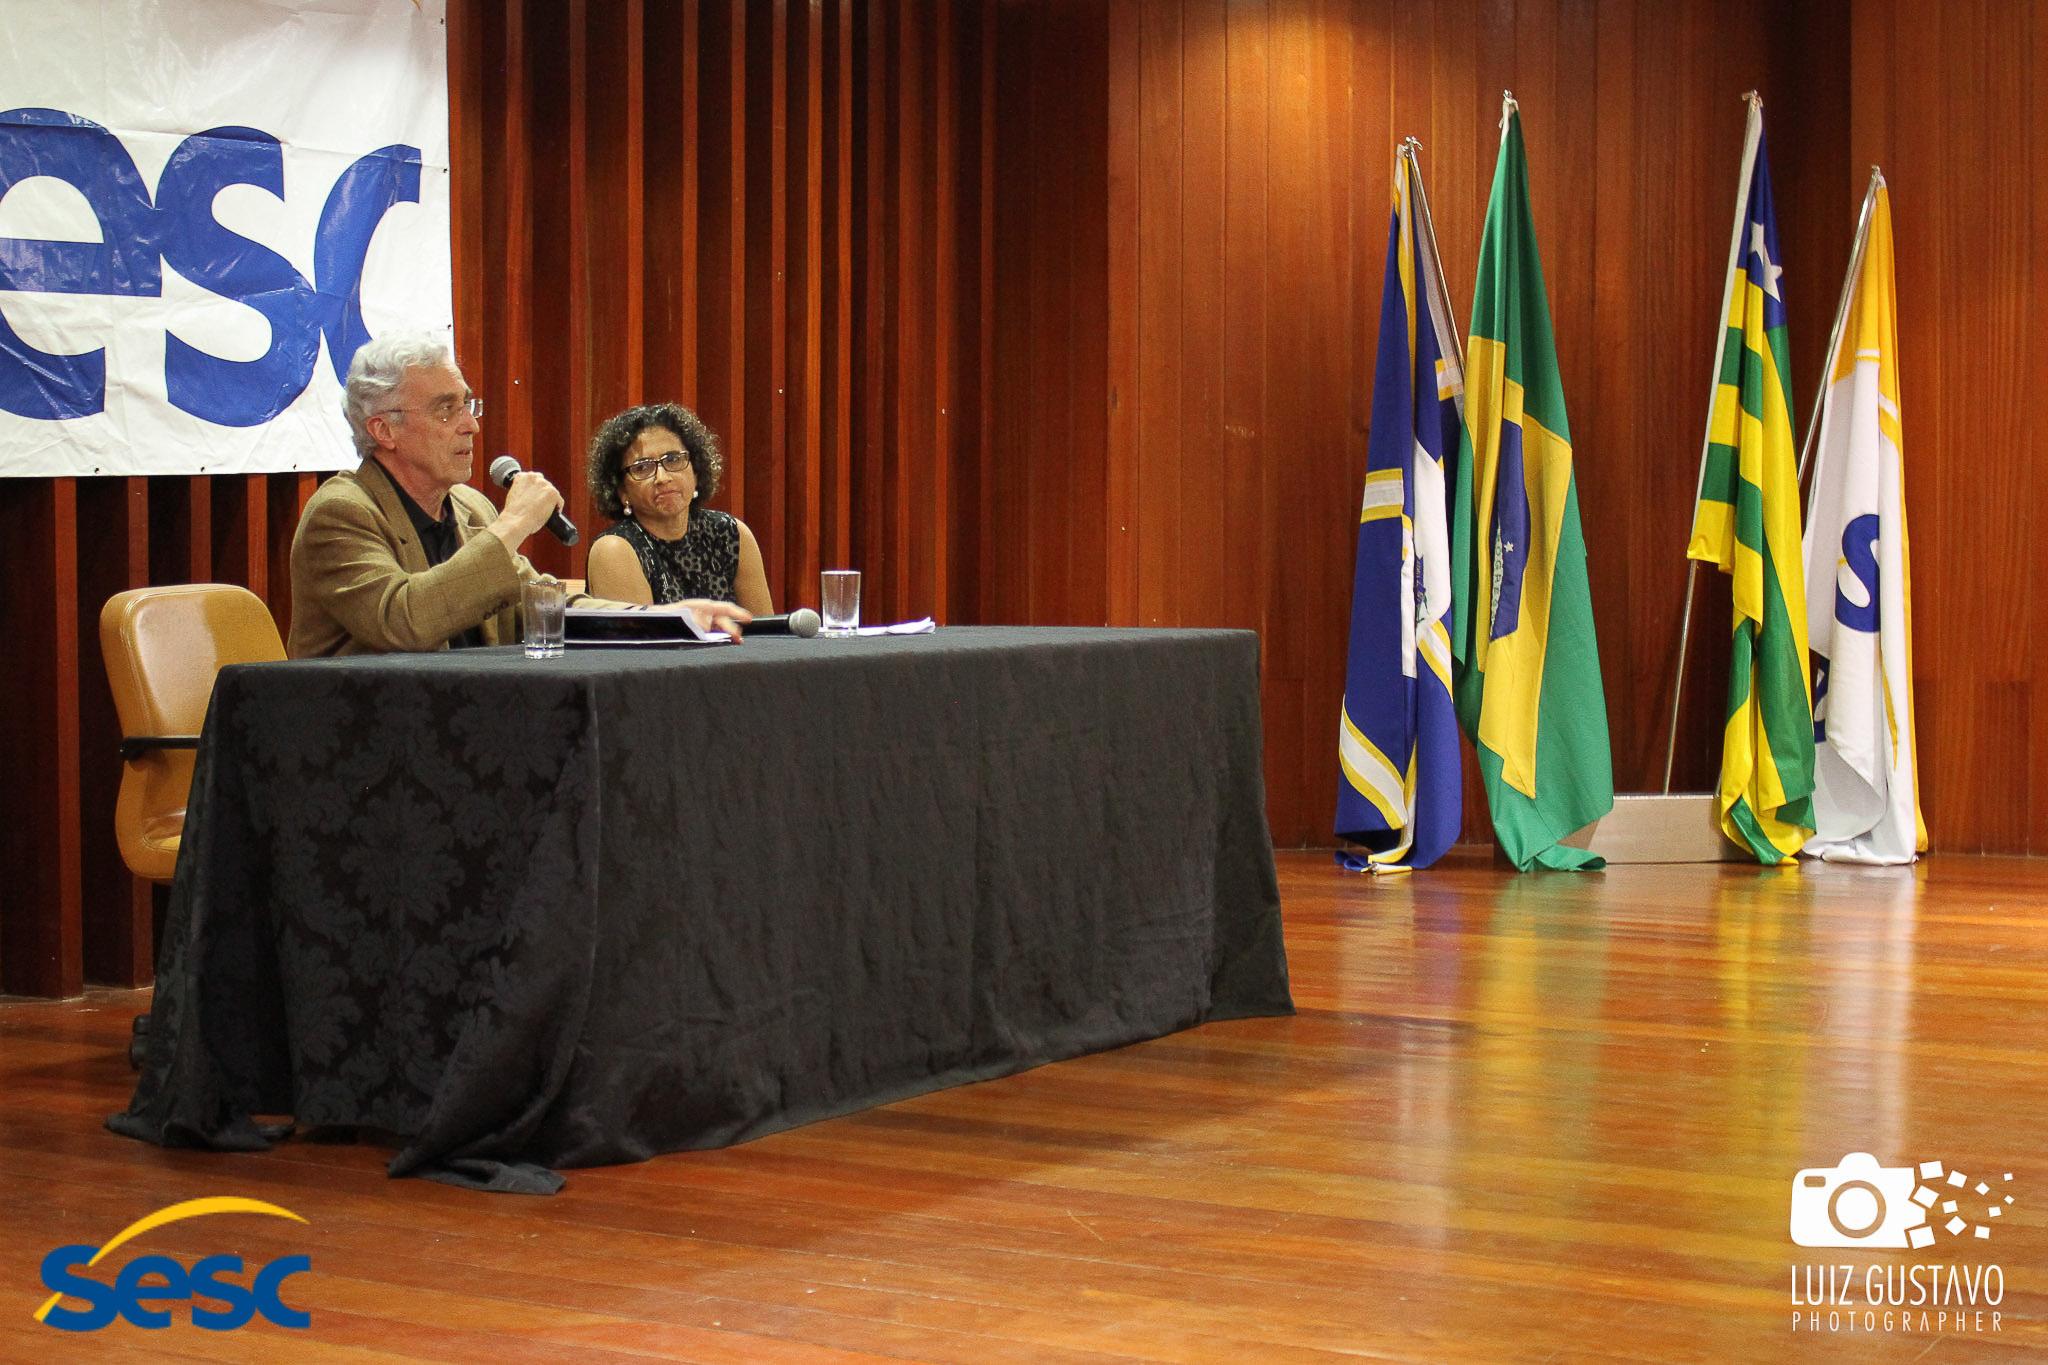 Luiz Gustavo-44